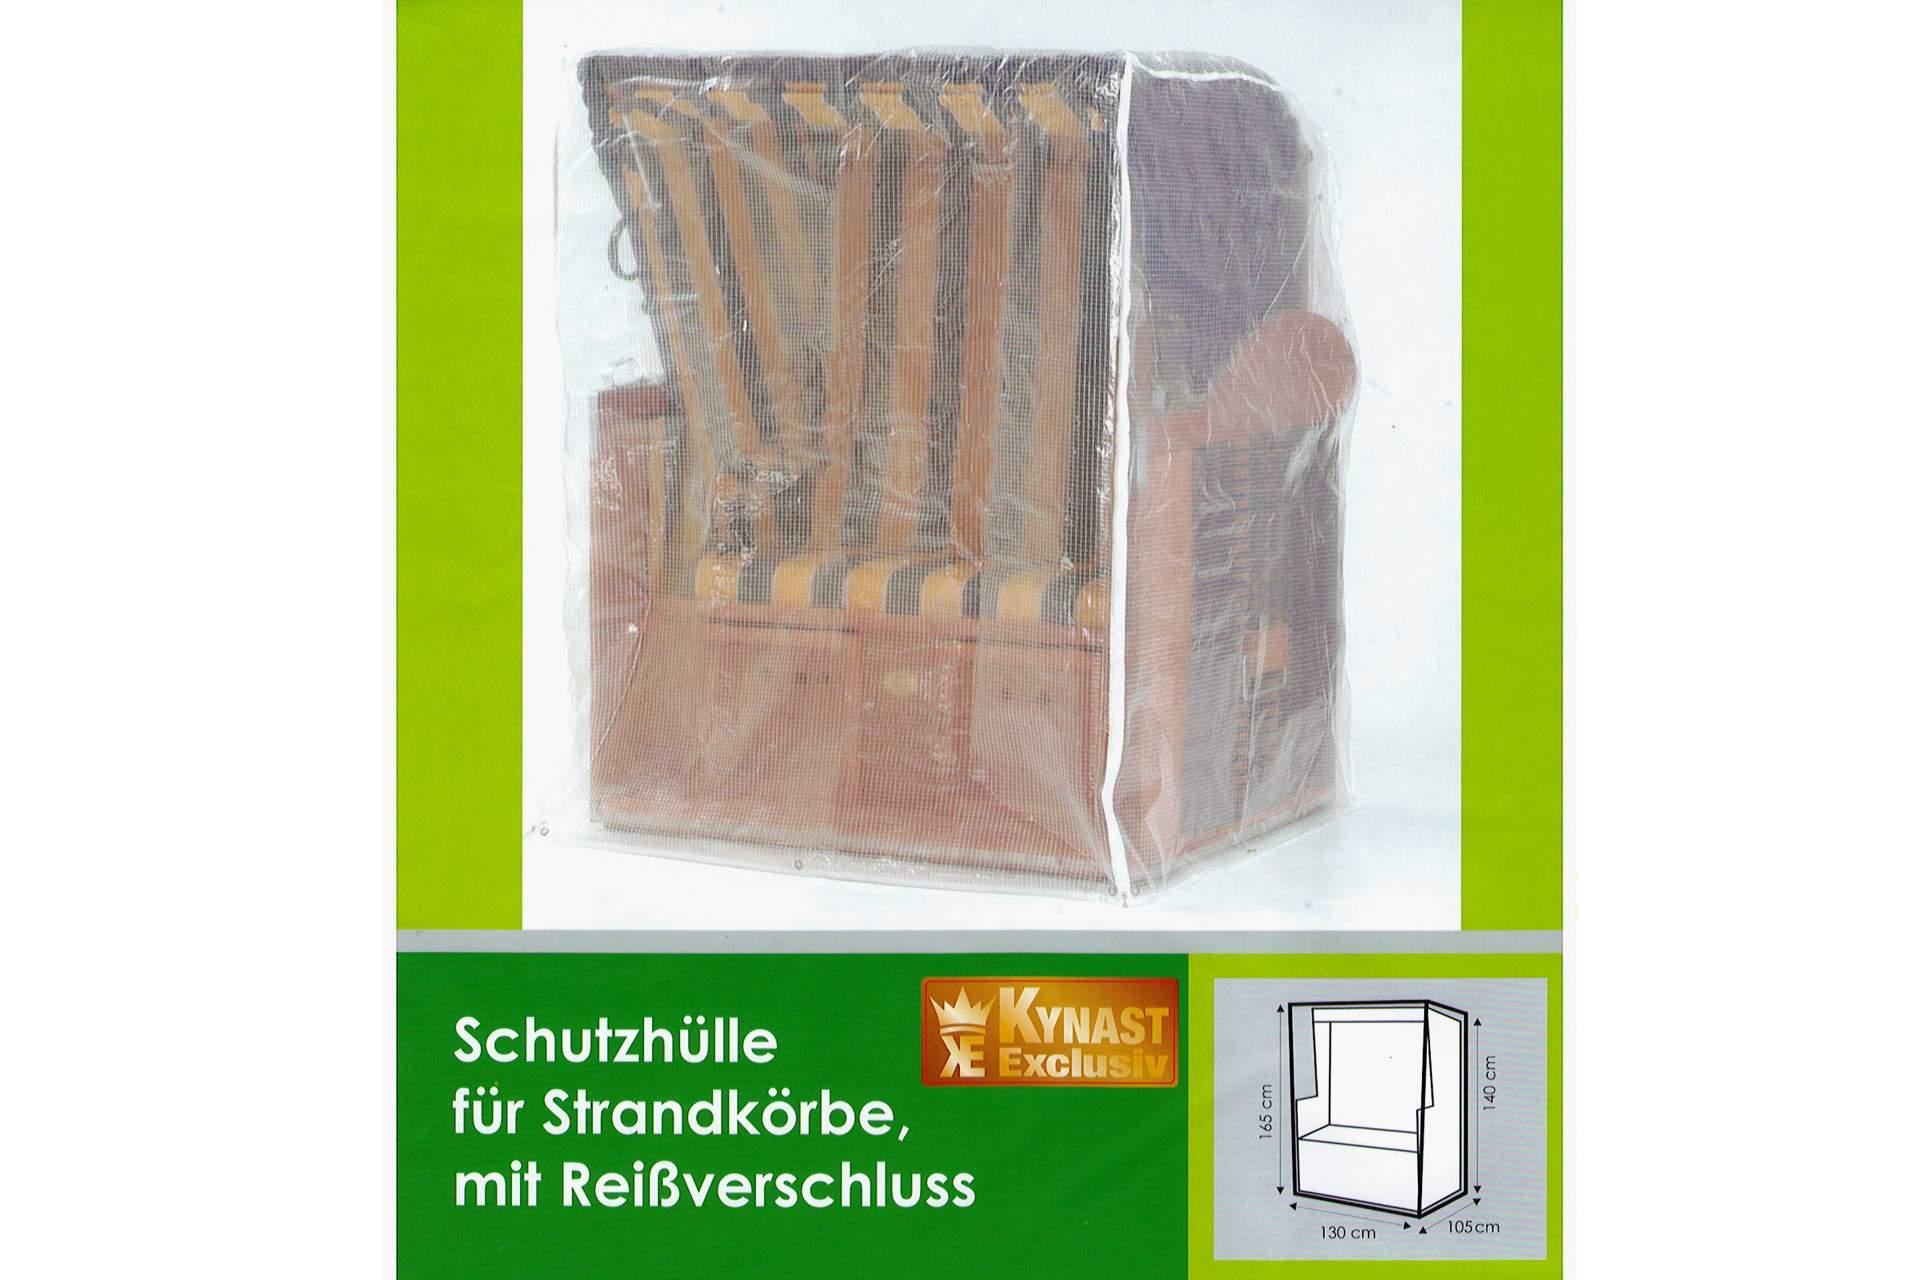 schutzh lle f r strandkorb transparent h lle schutz abdeckung strand garten ebay. Black Bedroom Furniture Sets. Home Design Ideas